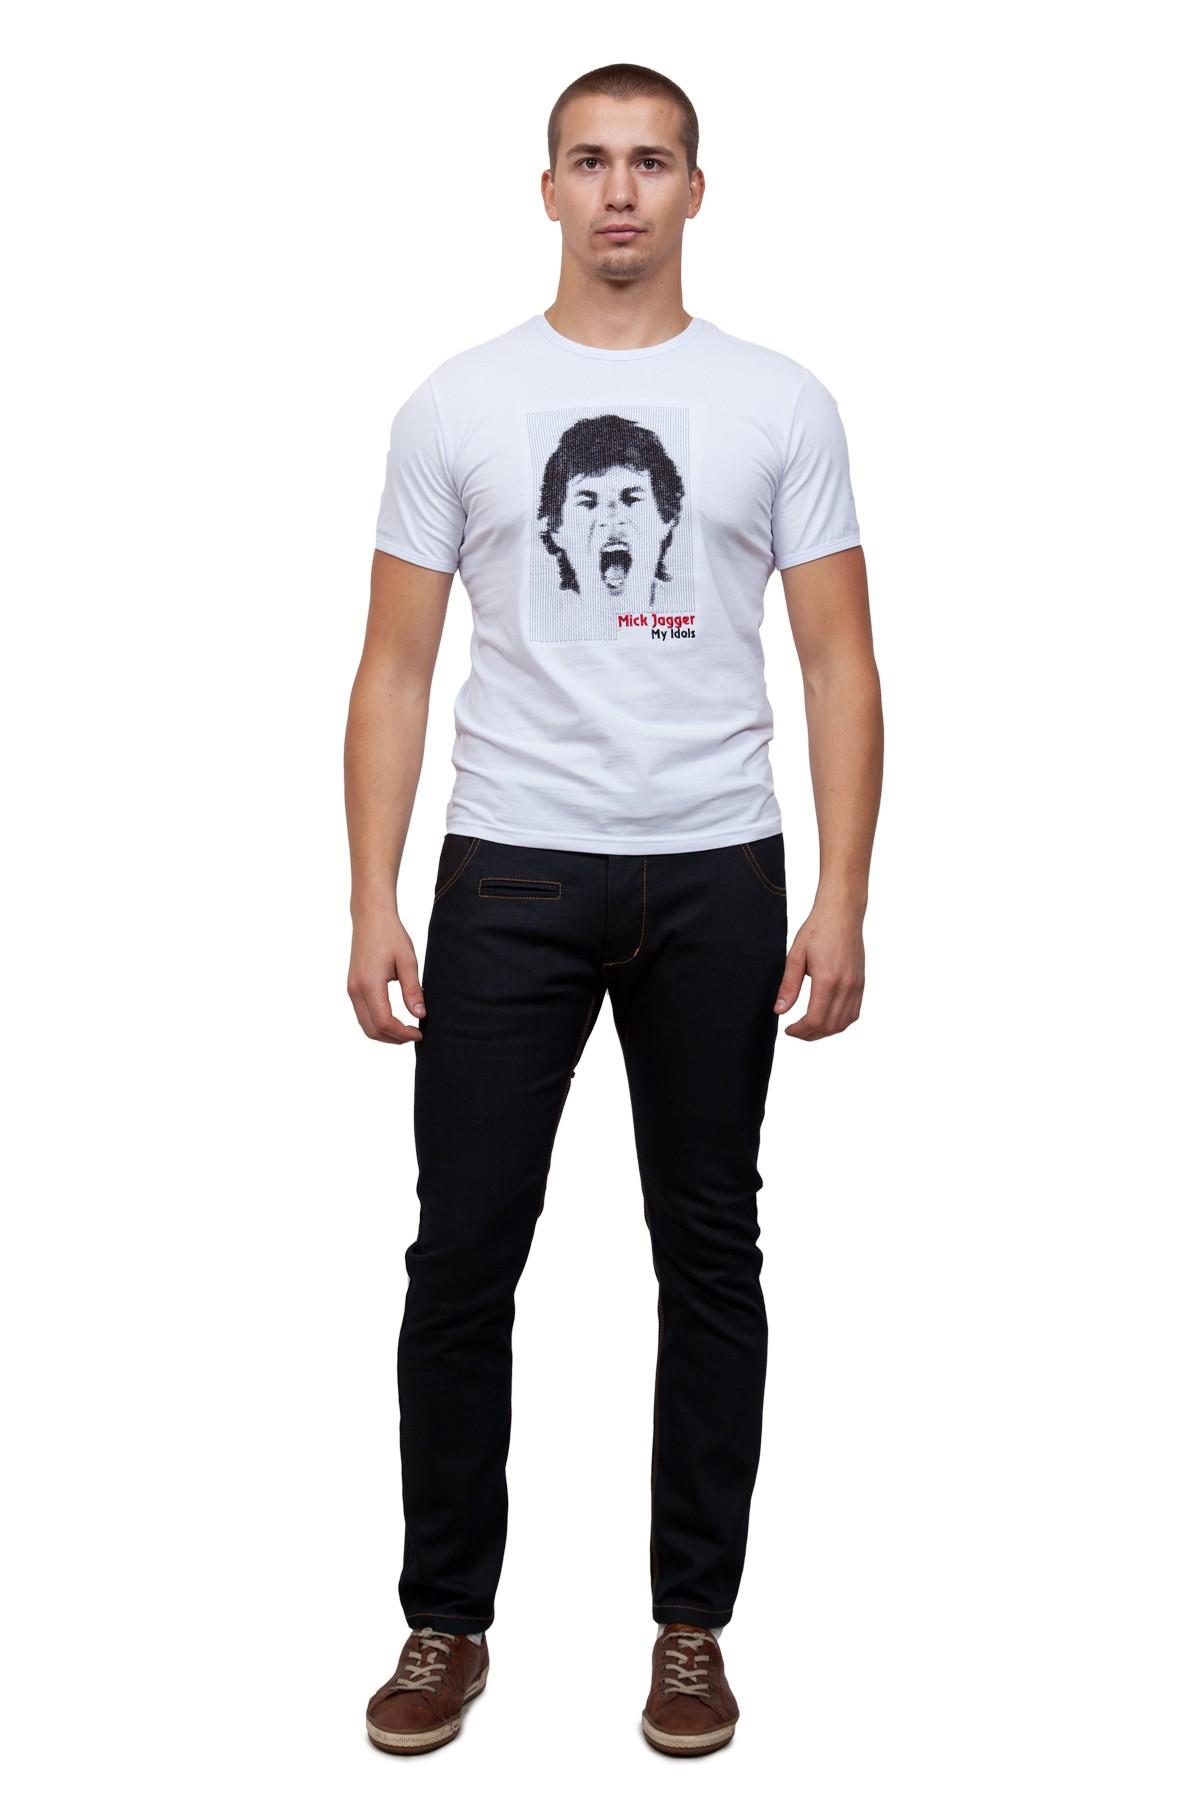 ФутболкаМужские футболки, джемпера<br>Стильная футболка для тех, кто ведет активный образ жизни и любит быть в центре внимания. Классический крой с округлым вырезом горловины и оригинальной вышивкой контрастного цвета на груди. Легкий натуральный трикотаж подарит Вам чувство комфорта.<br><br>Цвет: белый<br>Состав: 92% хлопок 8% лайкра<br>Размер: 56,58,60<br>Страна дизайна: Россия<br>Страна производства: Россия